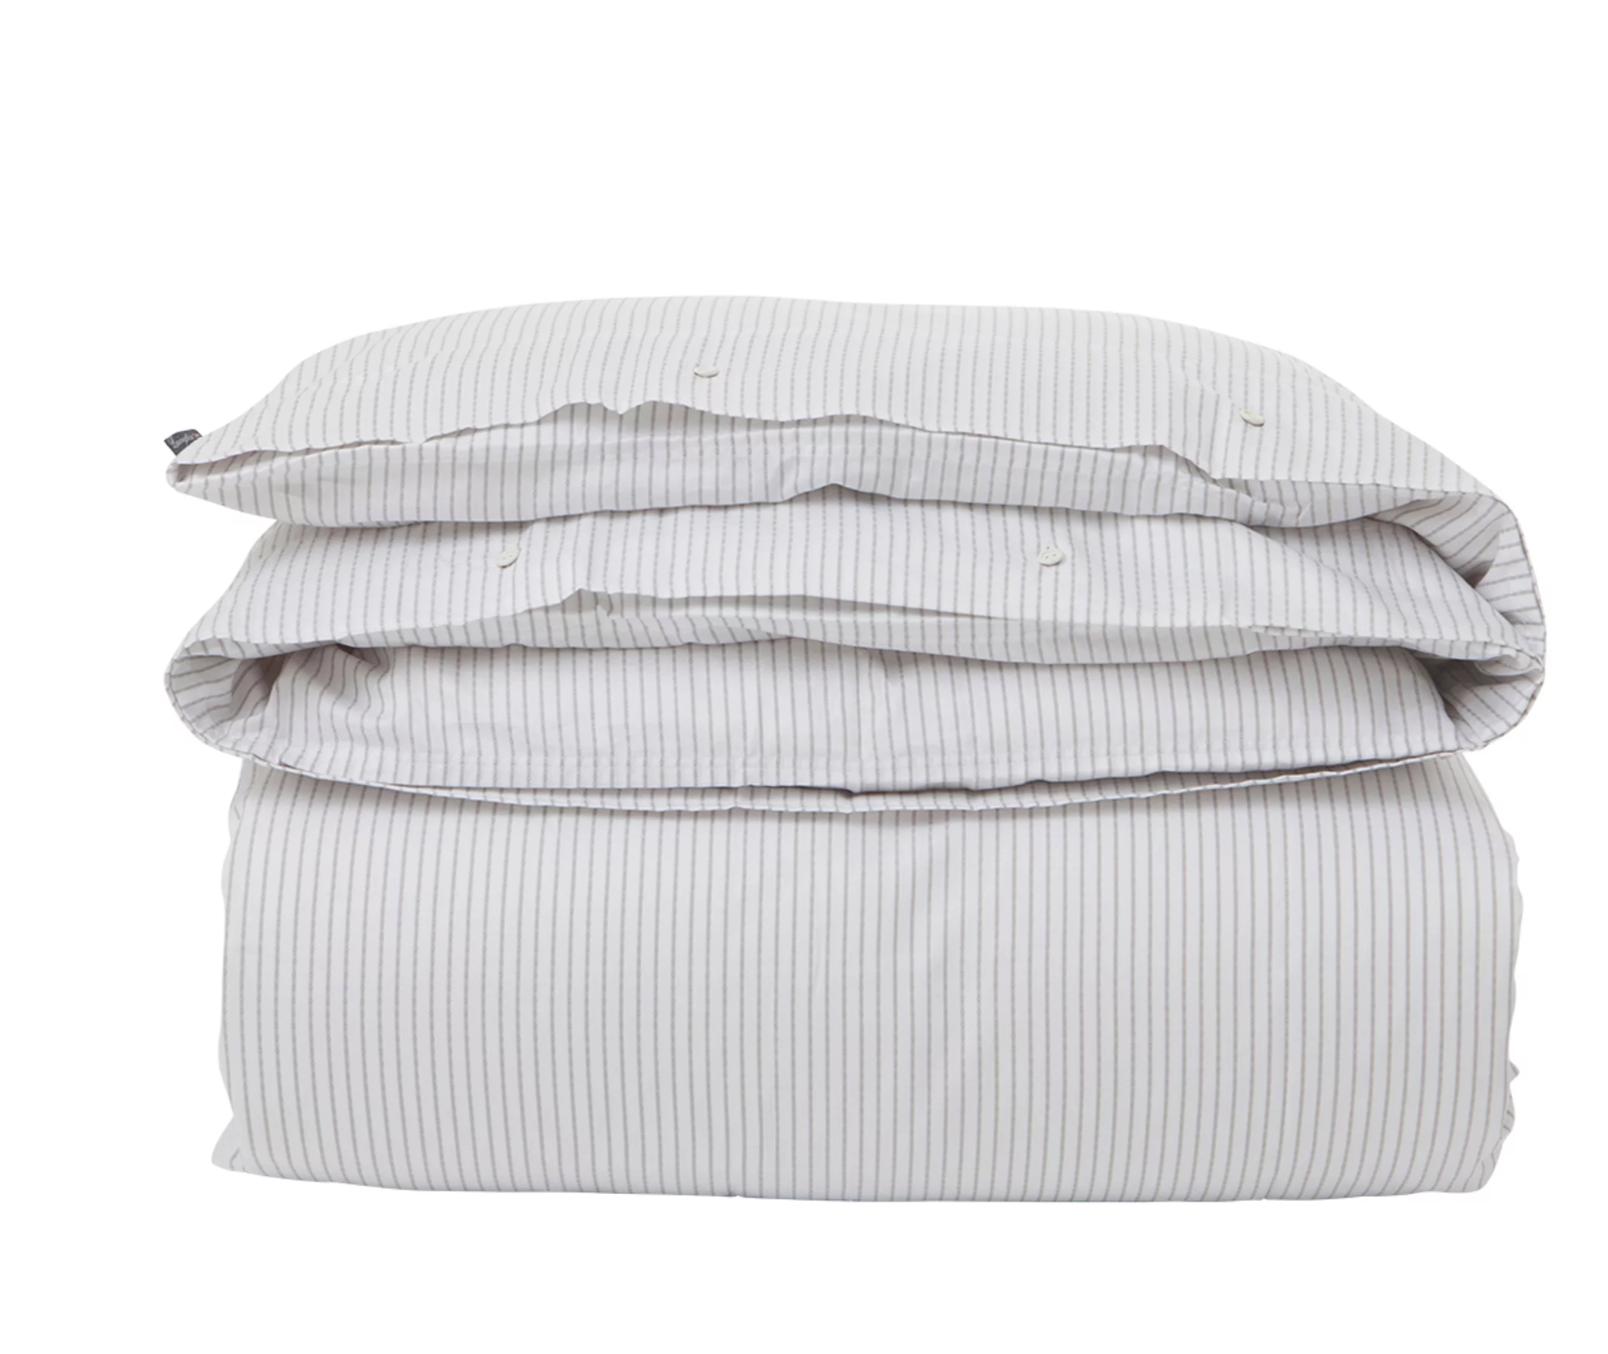 White:Light Gray Tencel Striped Duvet